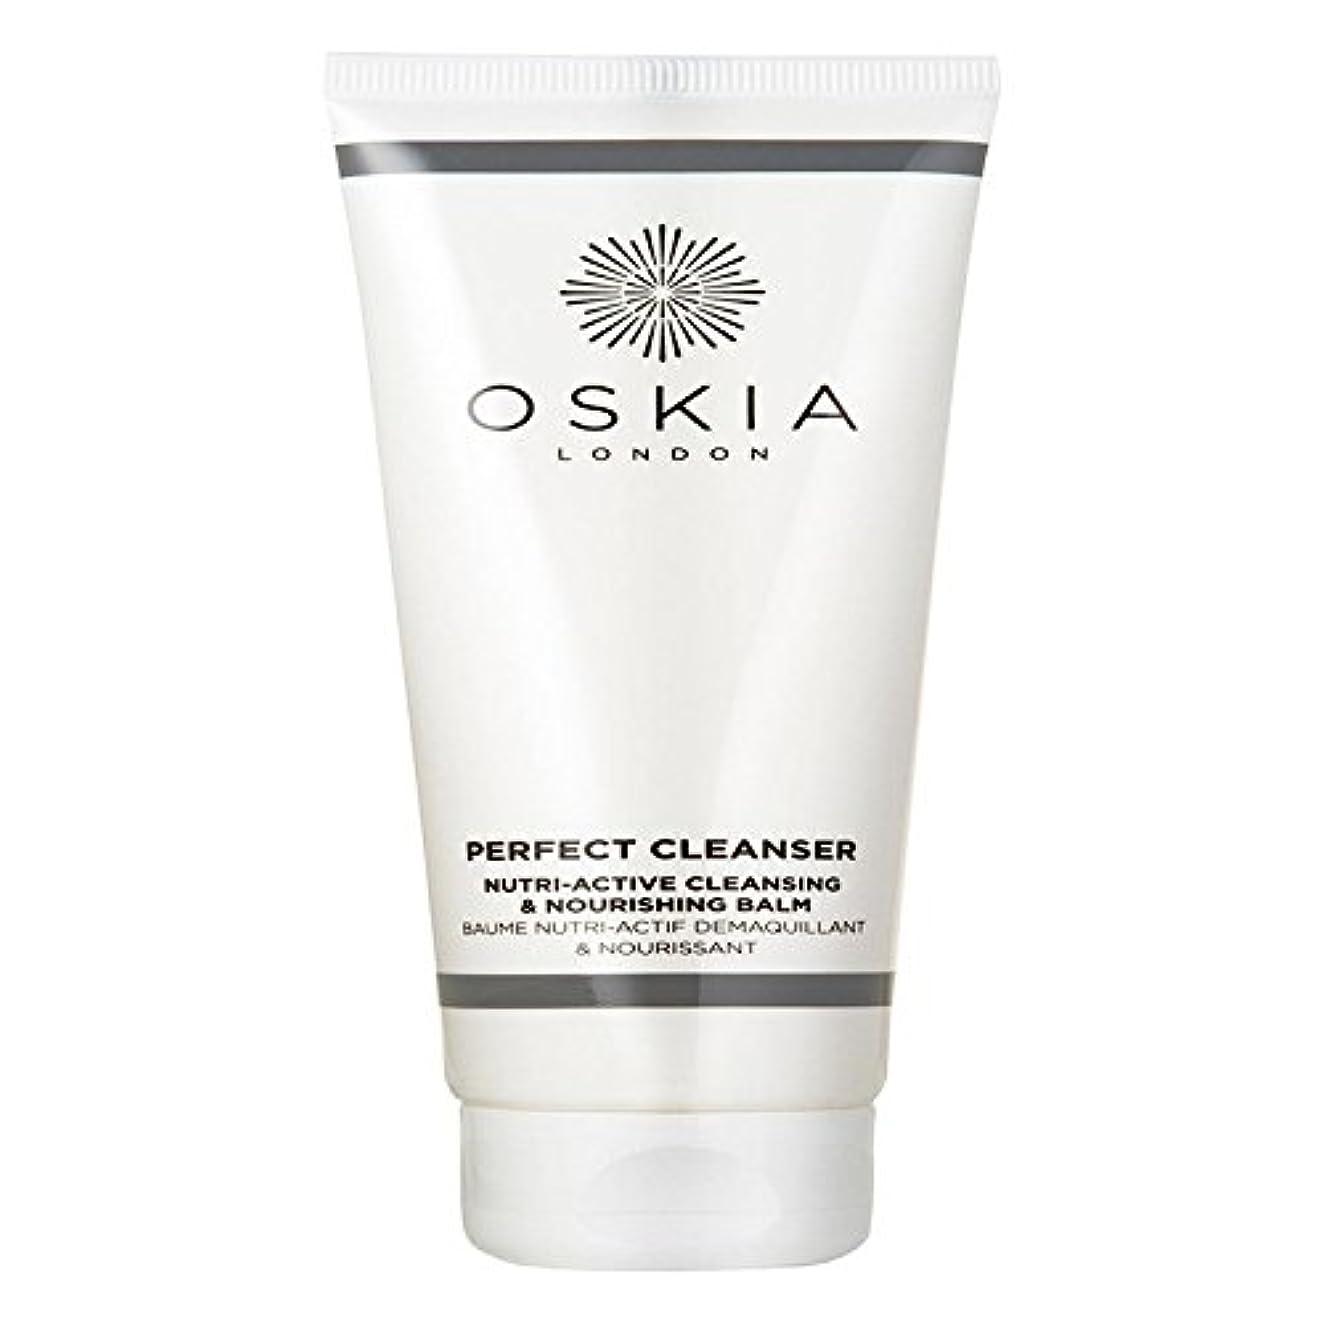 委託ラップ採用する完璧なクレンザー125ミリリットル x2 - OSKIA Perfect Cleanser 125ml (Pack of 2) [並行輸入品]